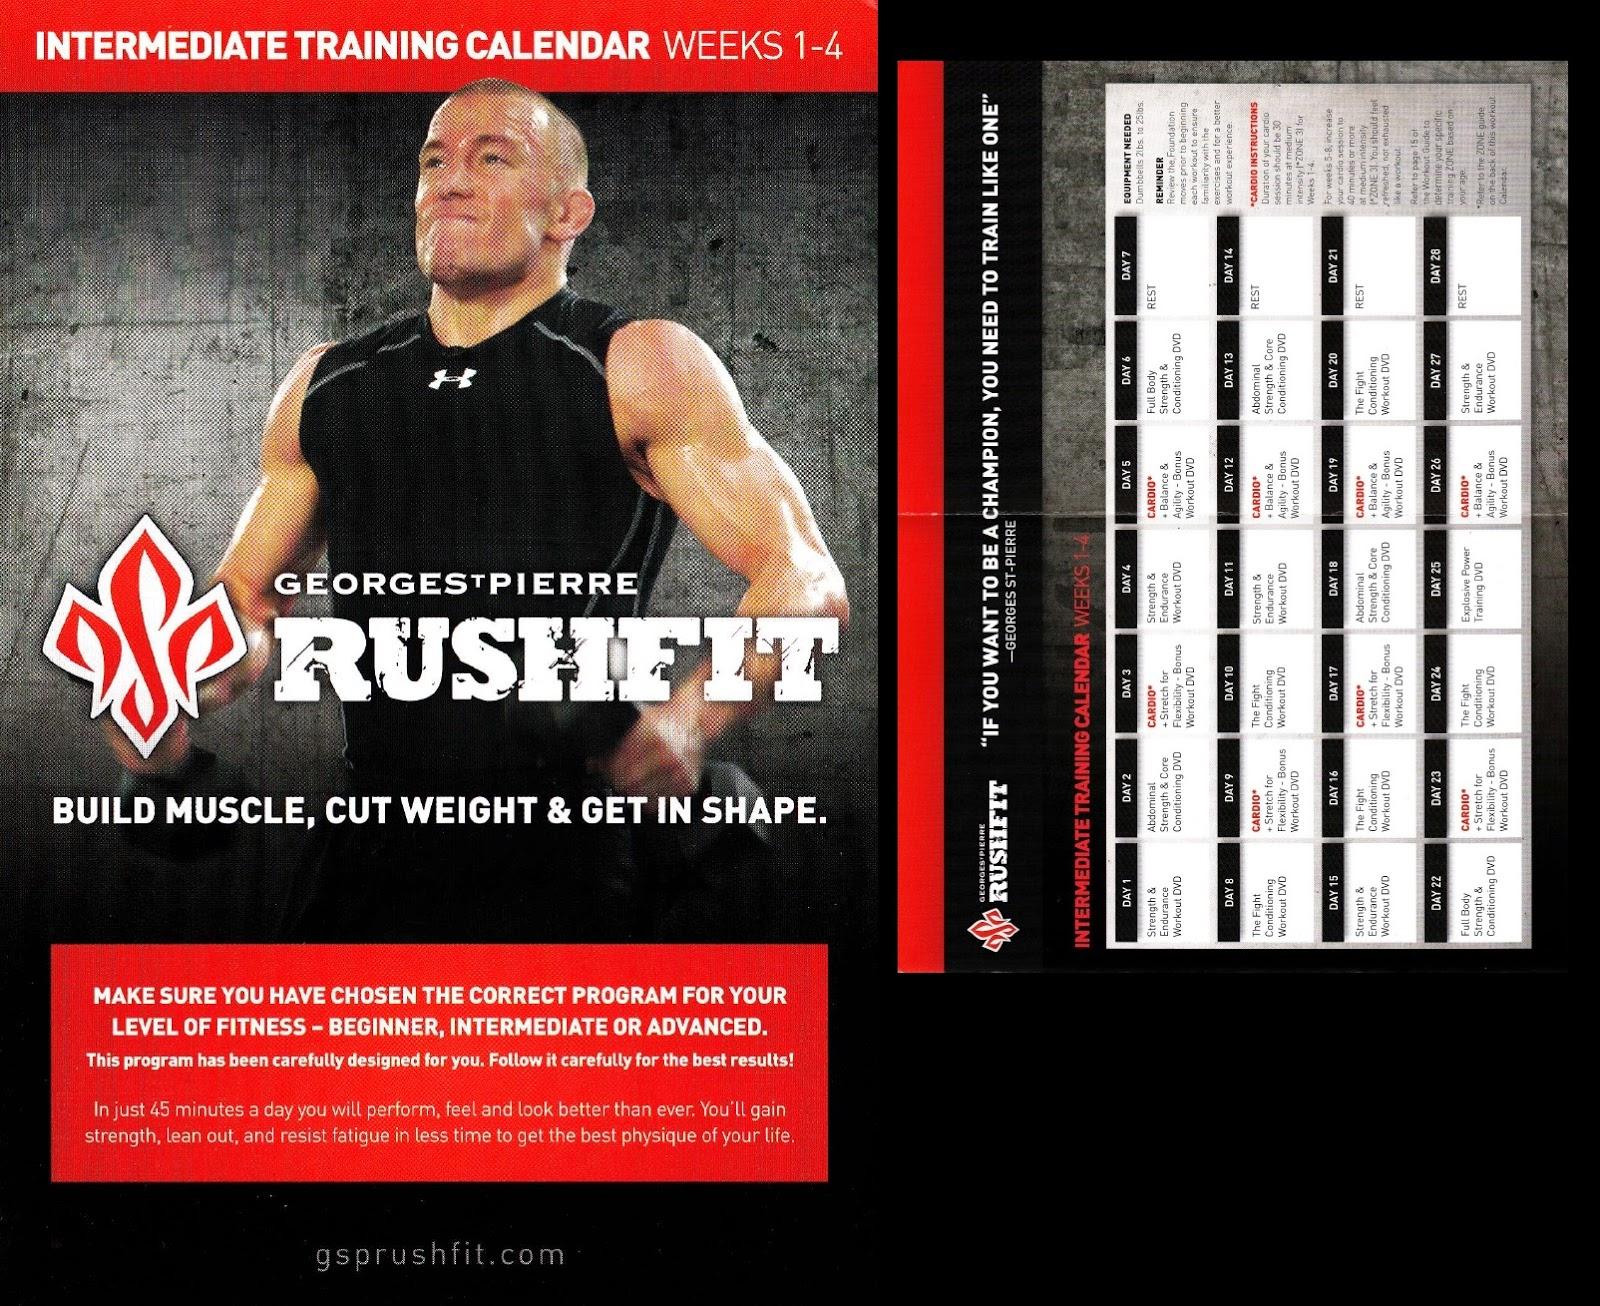 Rushfit workout guide - Body massage st albans